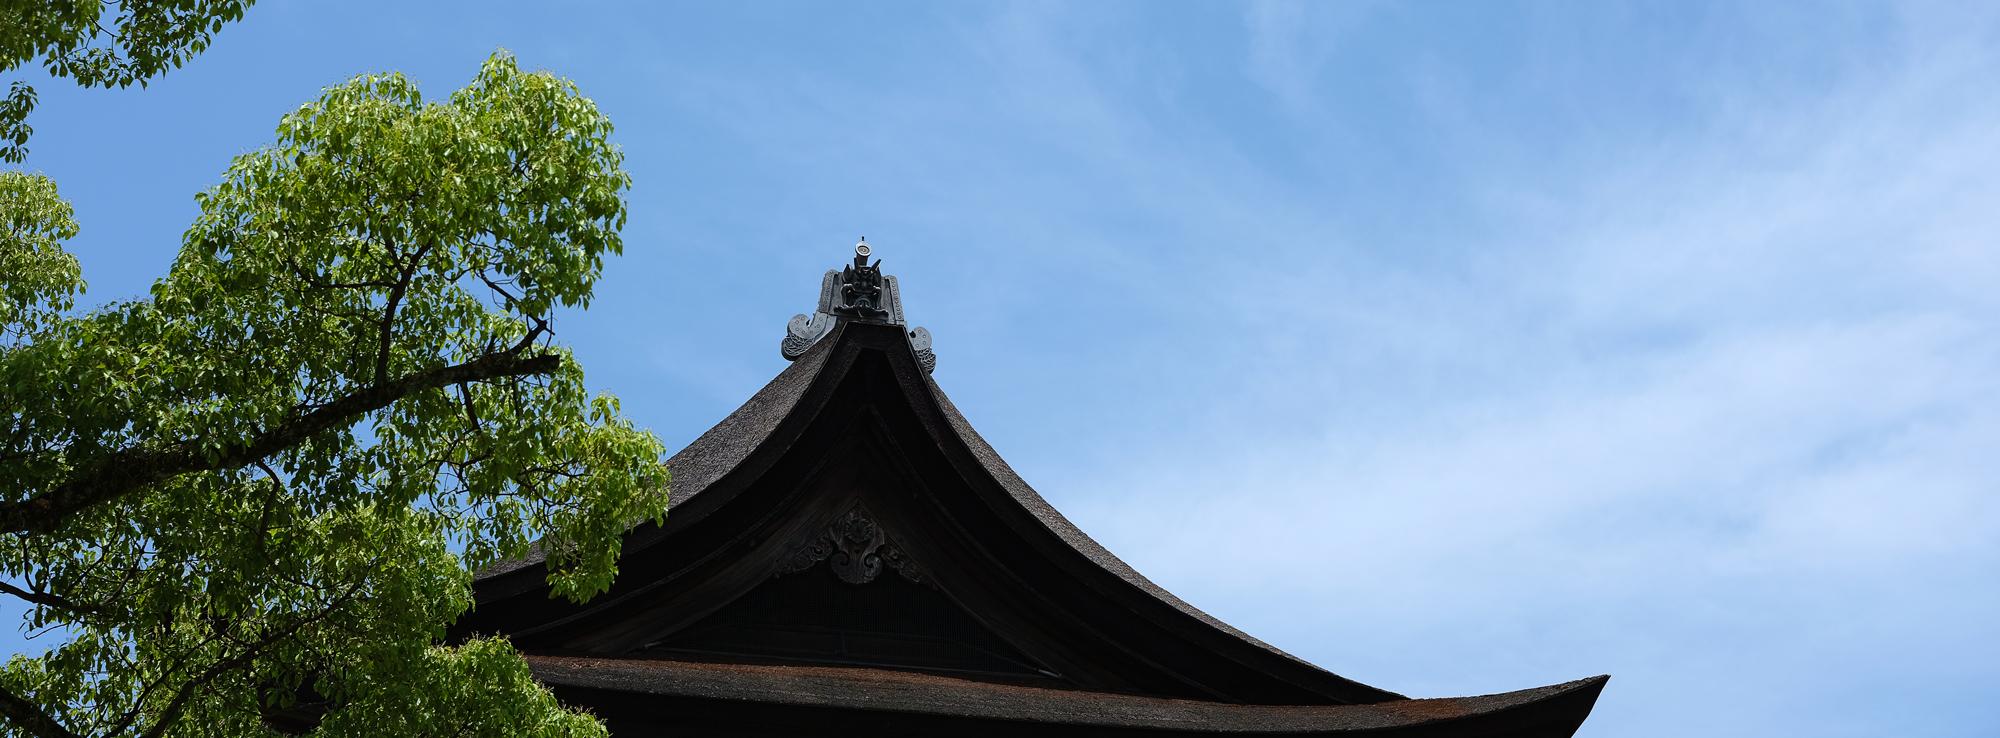 at Hakozaki Fukuoka